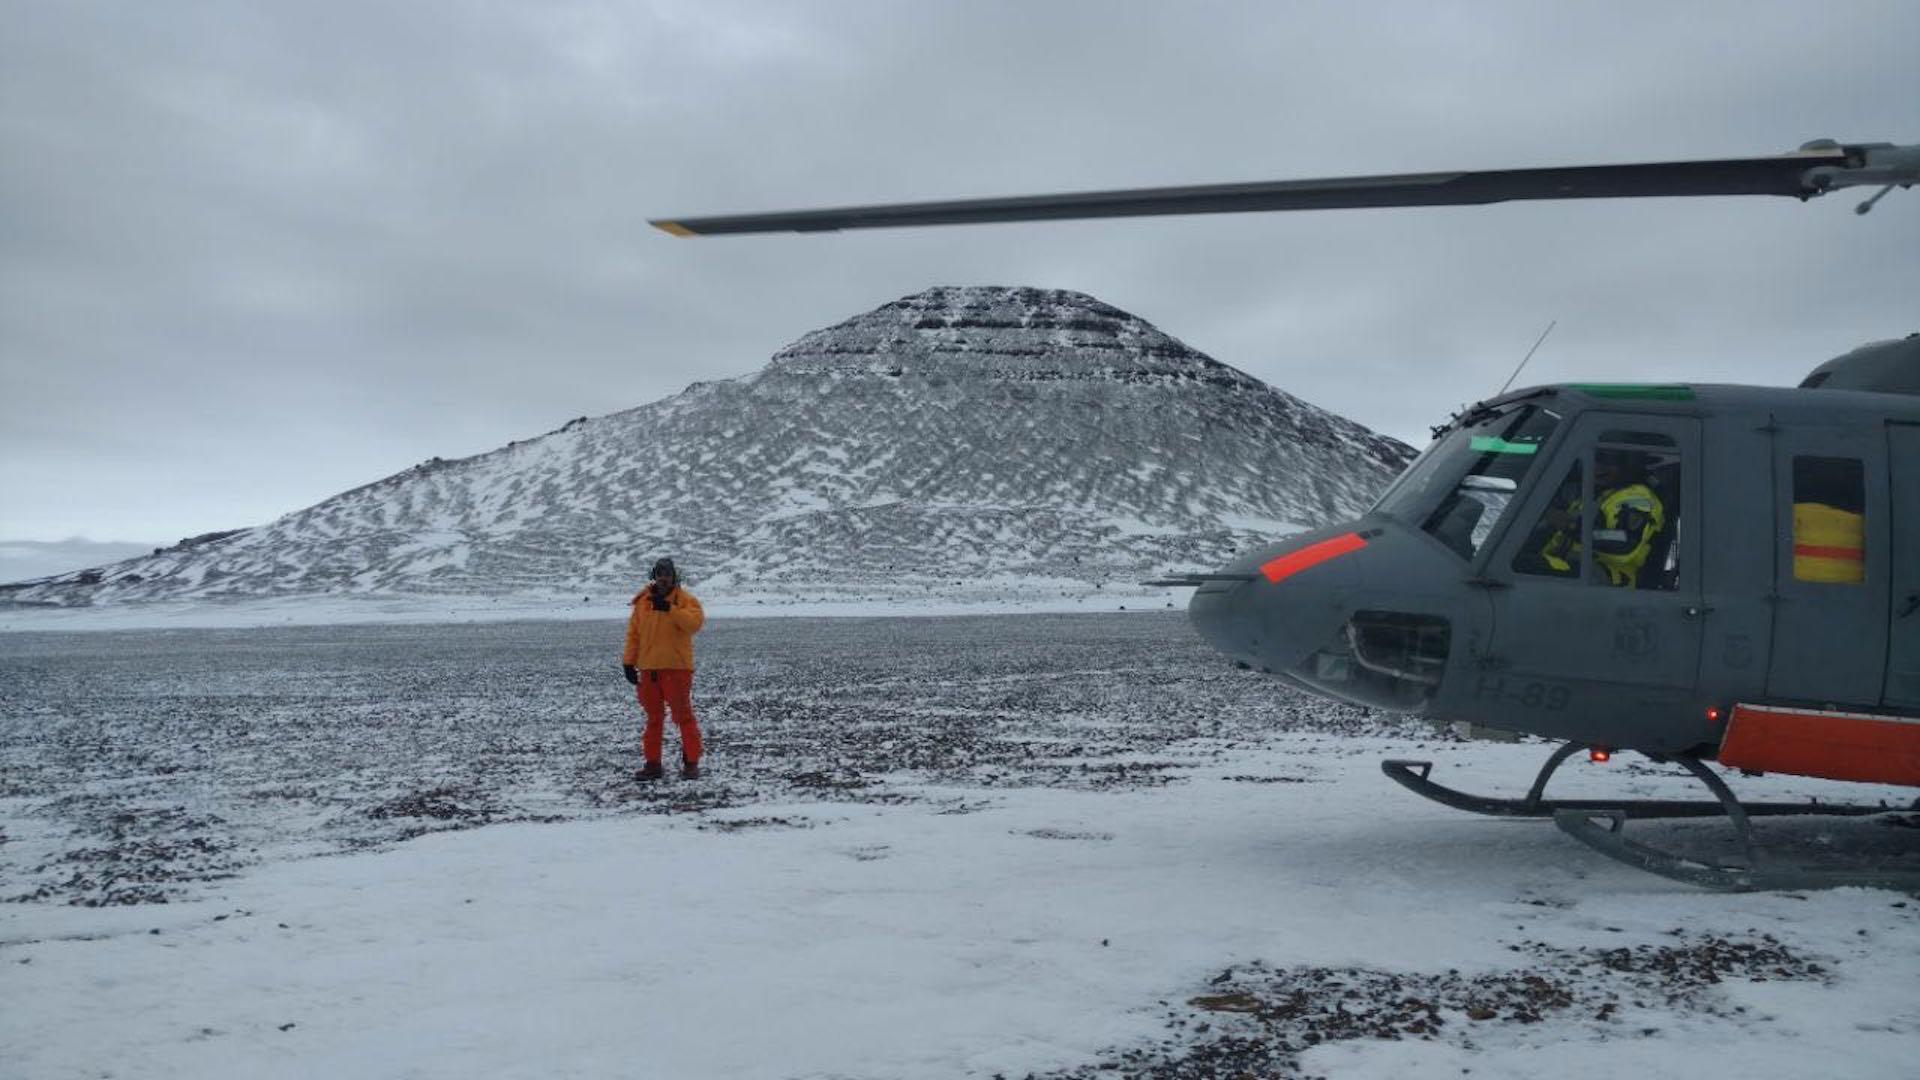 La imagen tomada por Alberto Cormillot en el Monte Cock Bird. (Foto gentileza A. Cormillot)